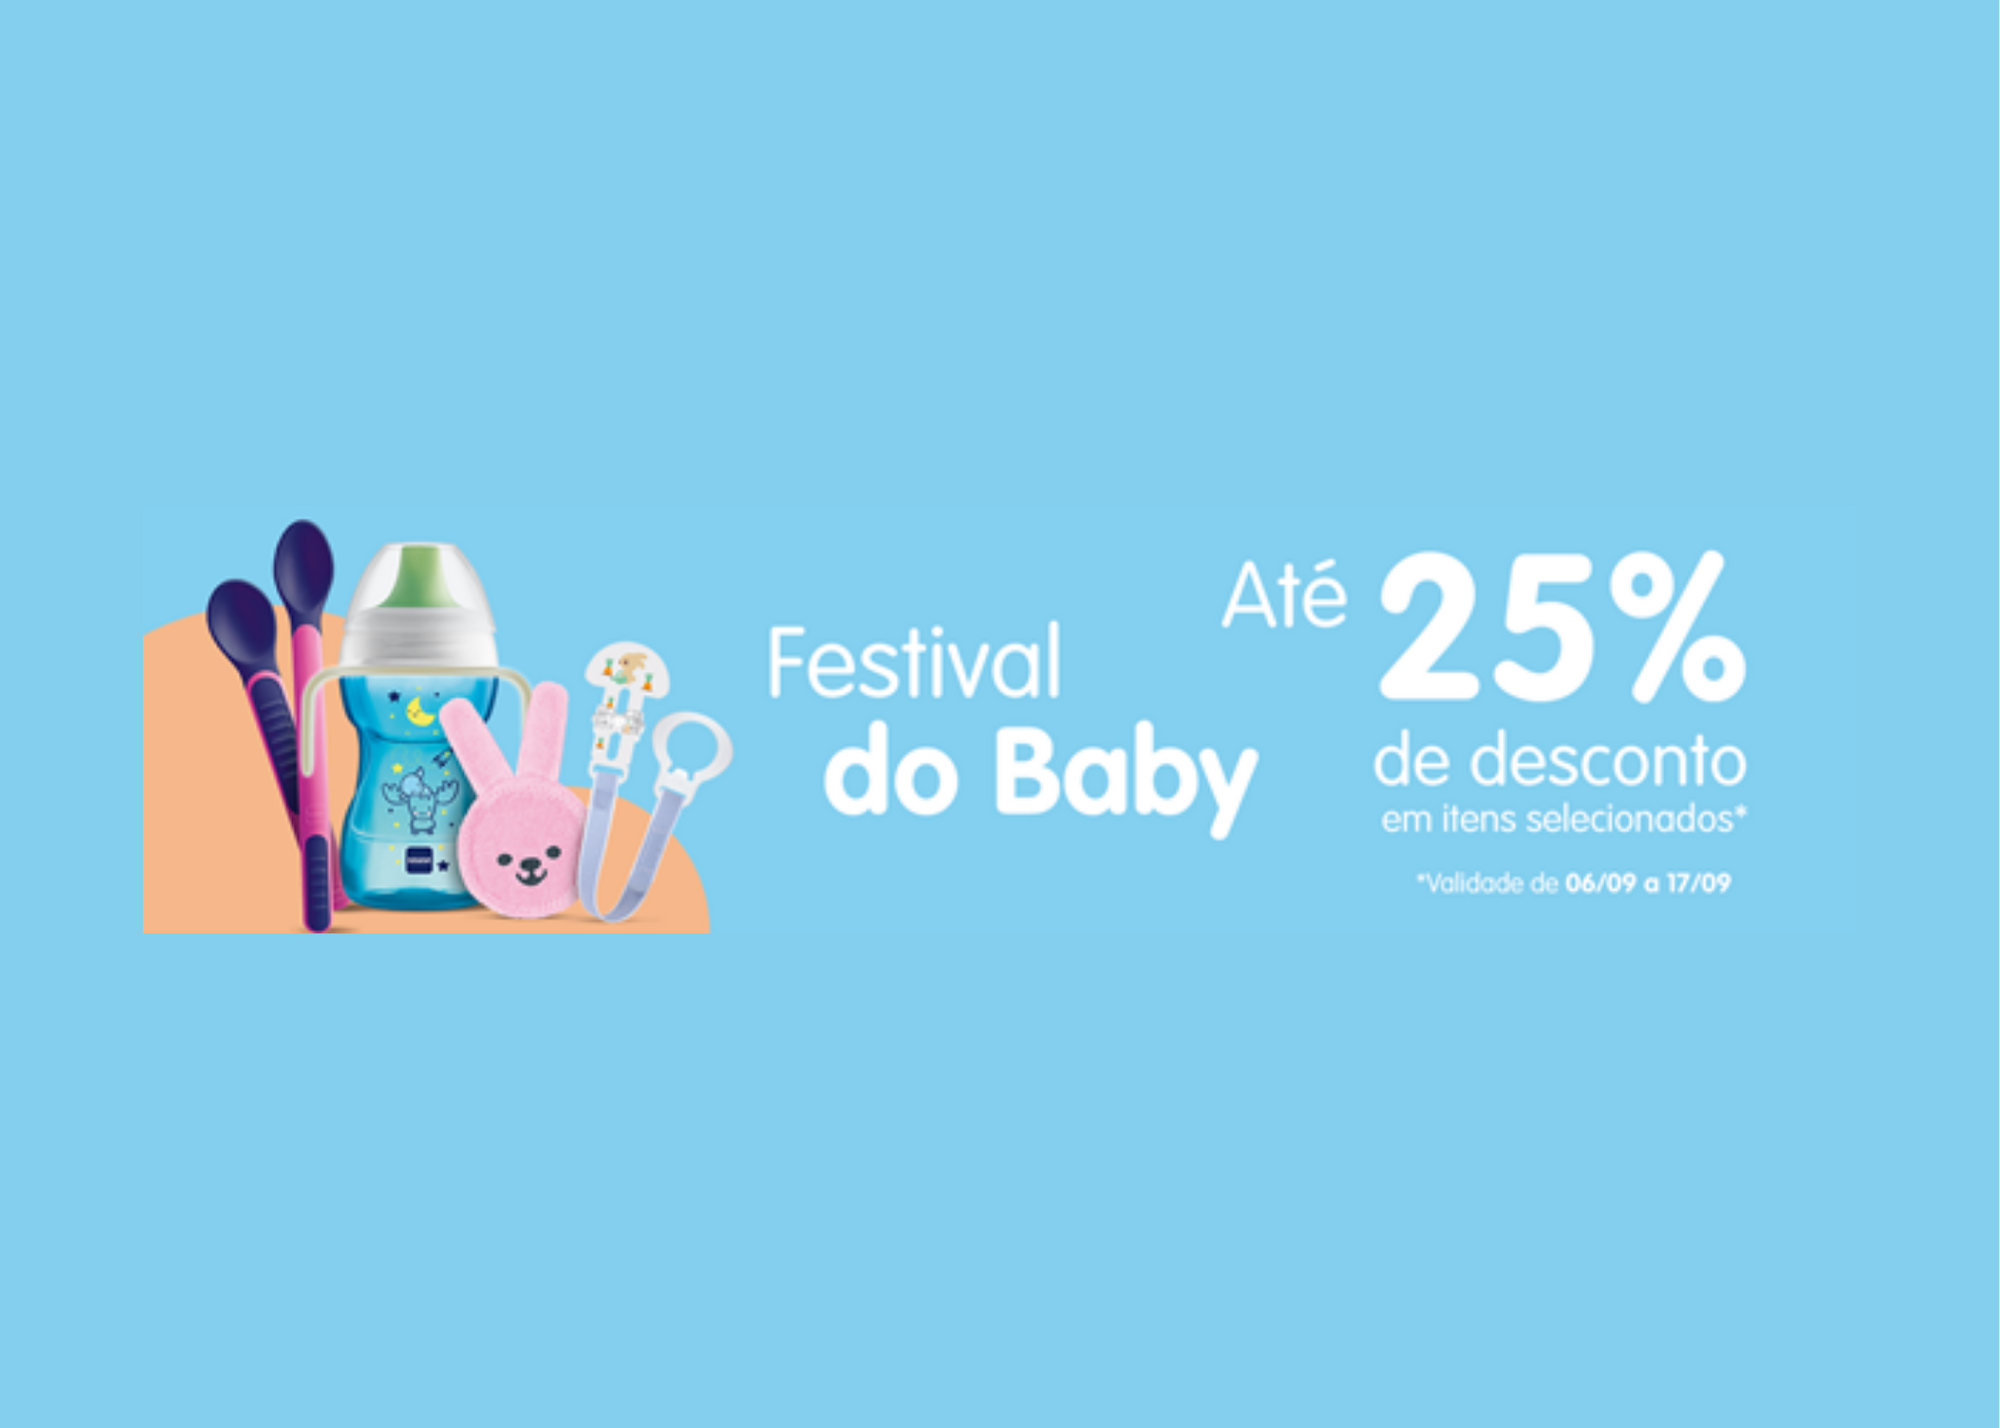 MAM apresenta Festival do Baby com promoções exclusivas para o e-commerce